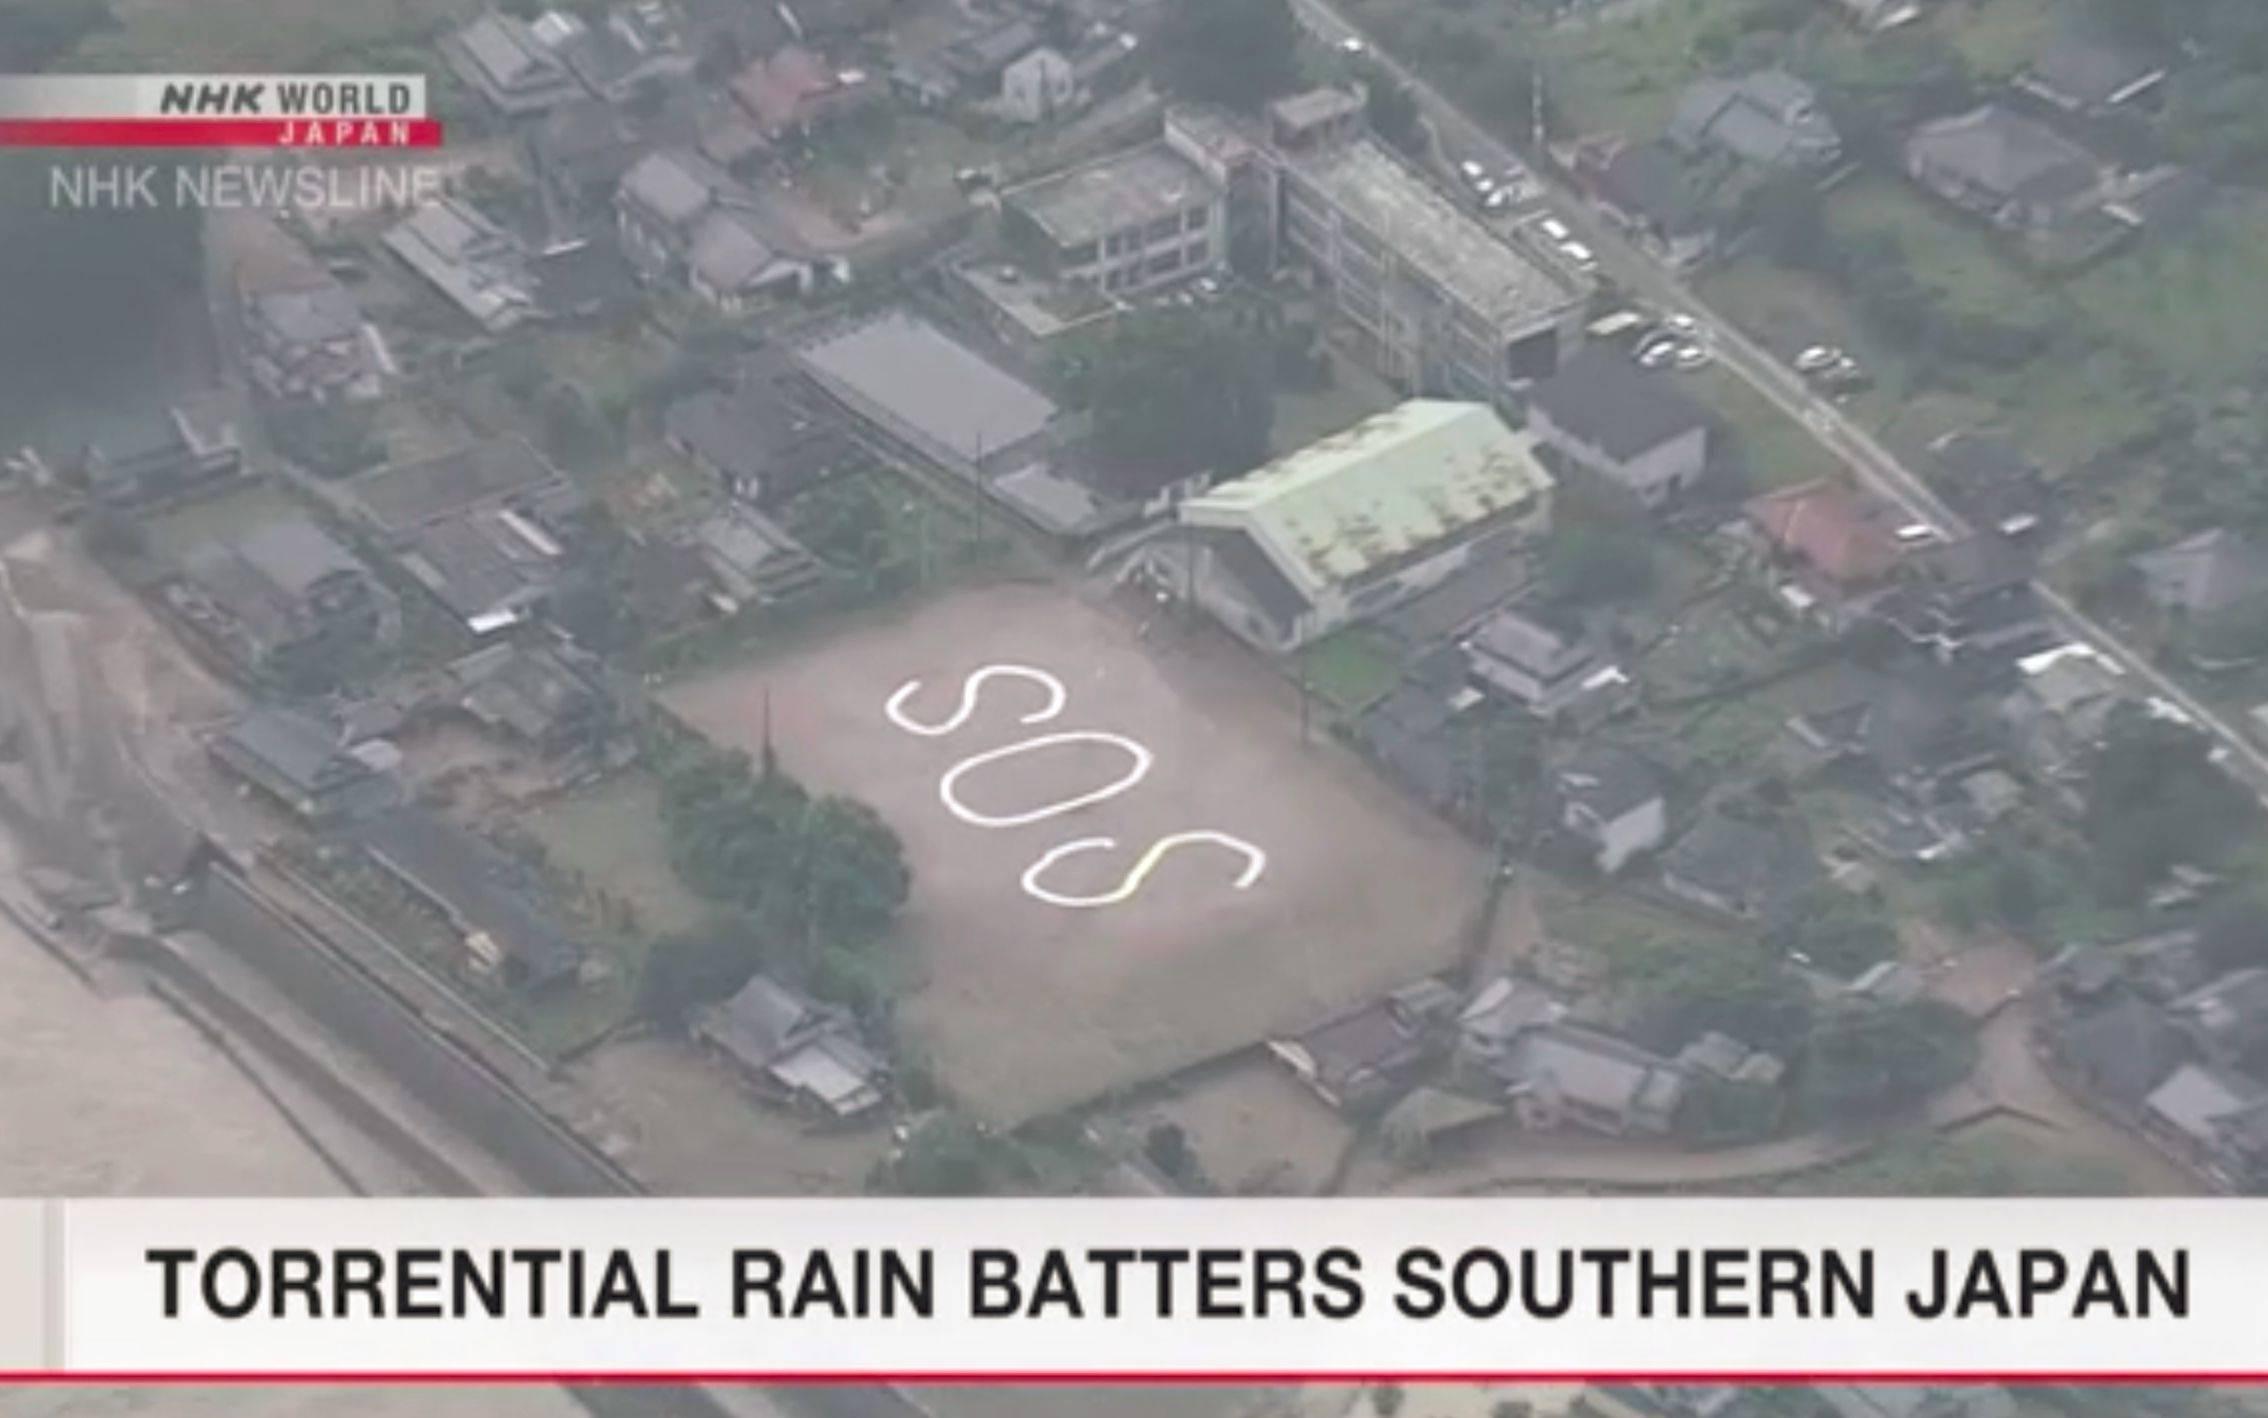 日本西南部暴雨导致洪灾、泥石流,至少16人死亡